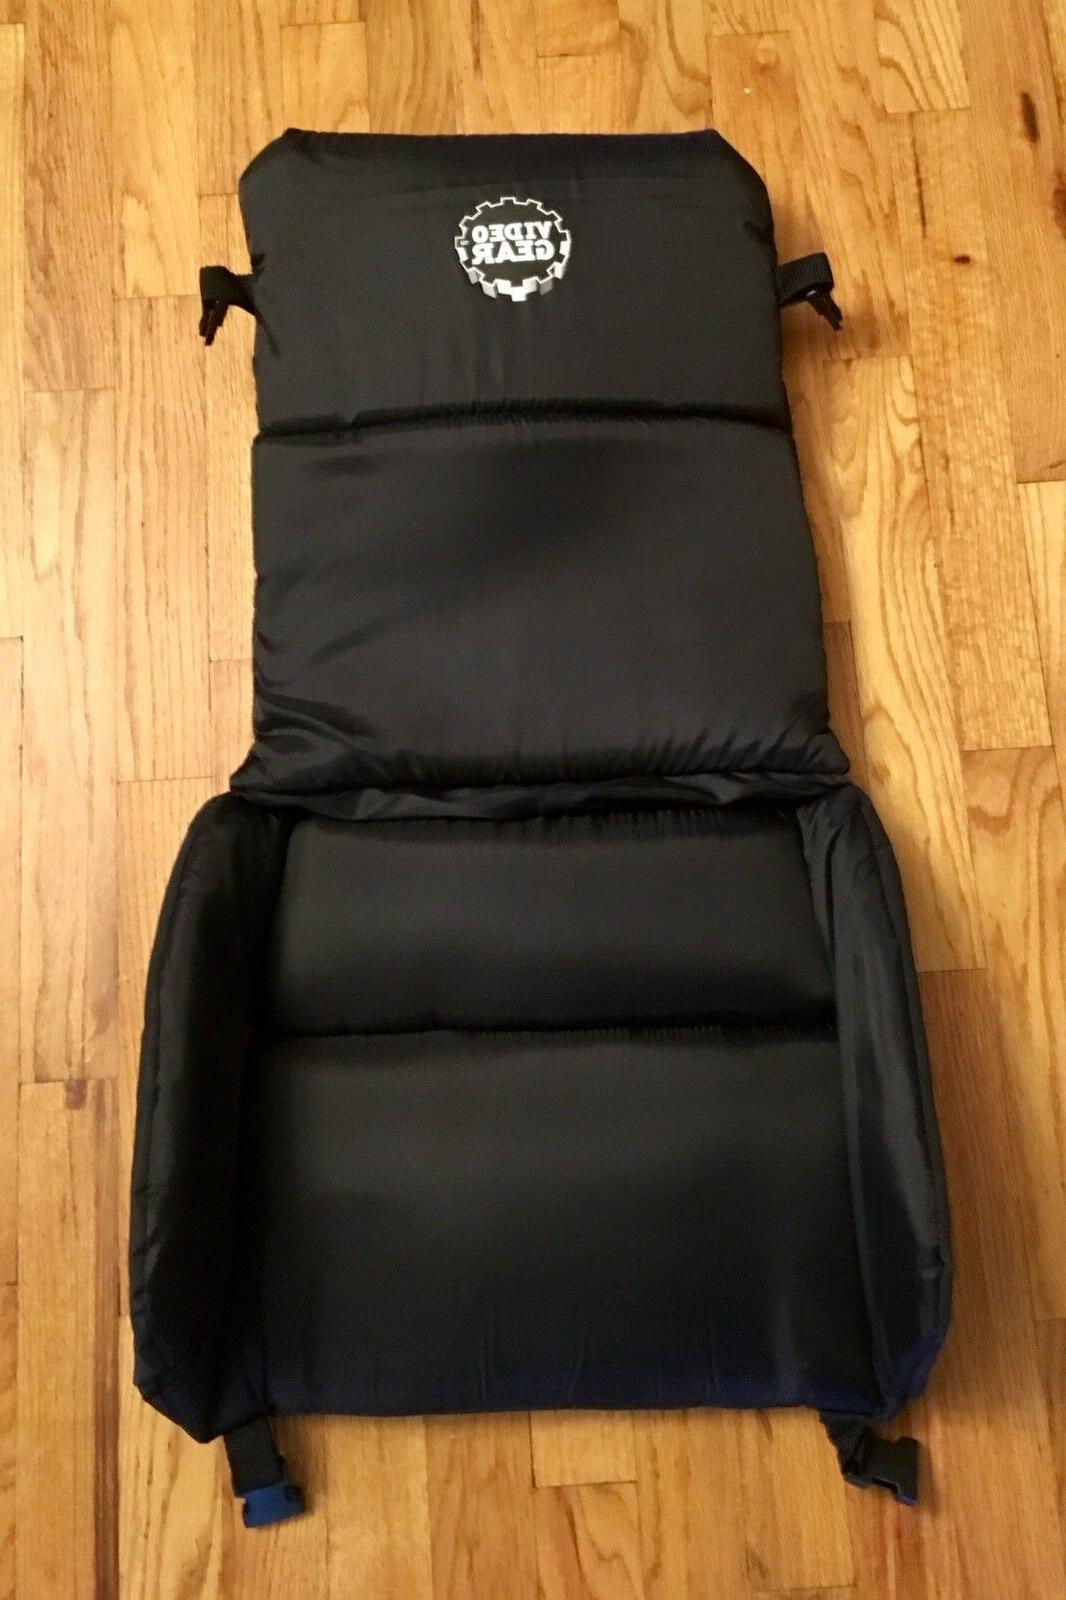 kayak seat